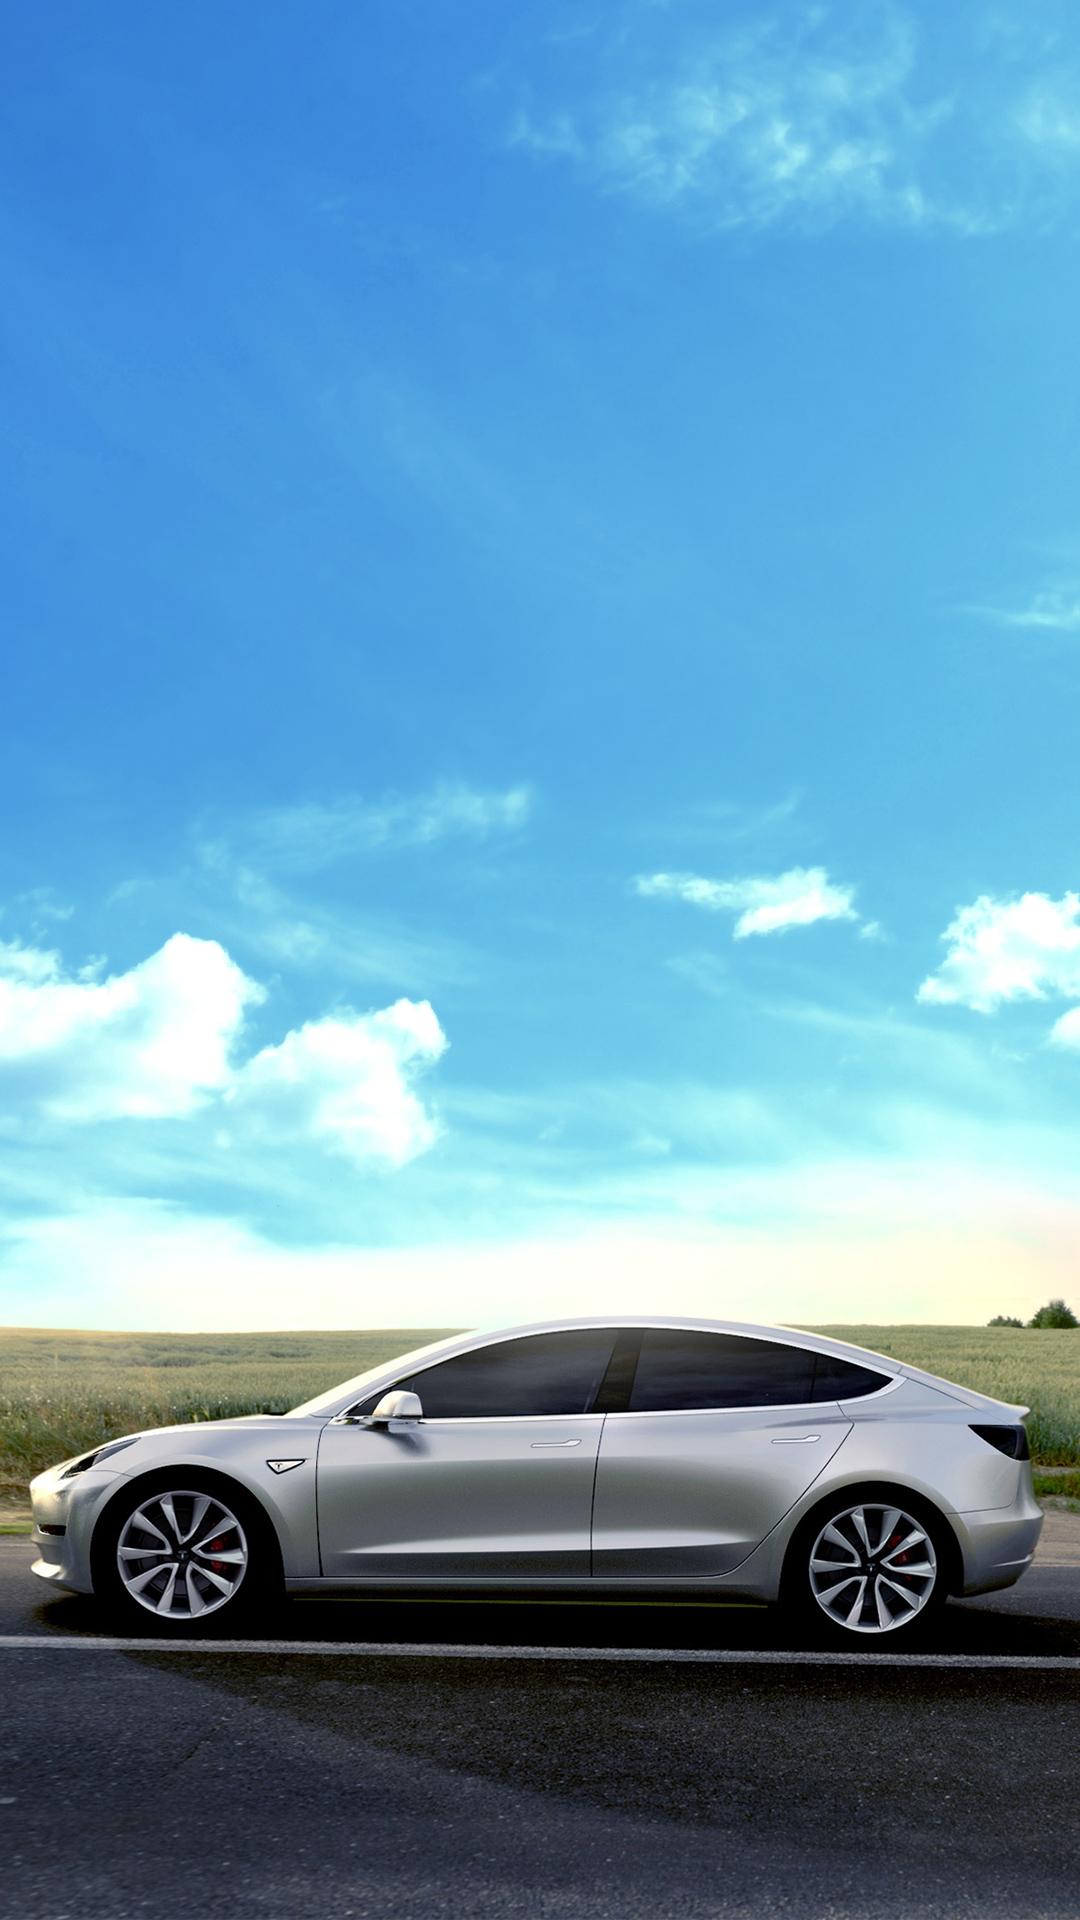 Tesla model 3 wallpaper wallpapersafari - Tesla wallpaper android ...